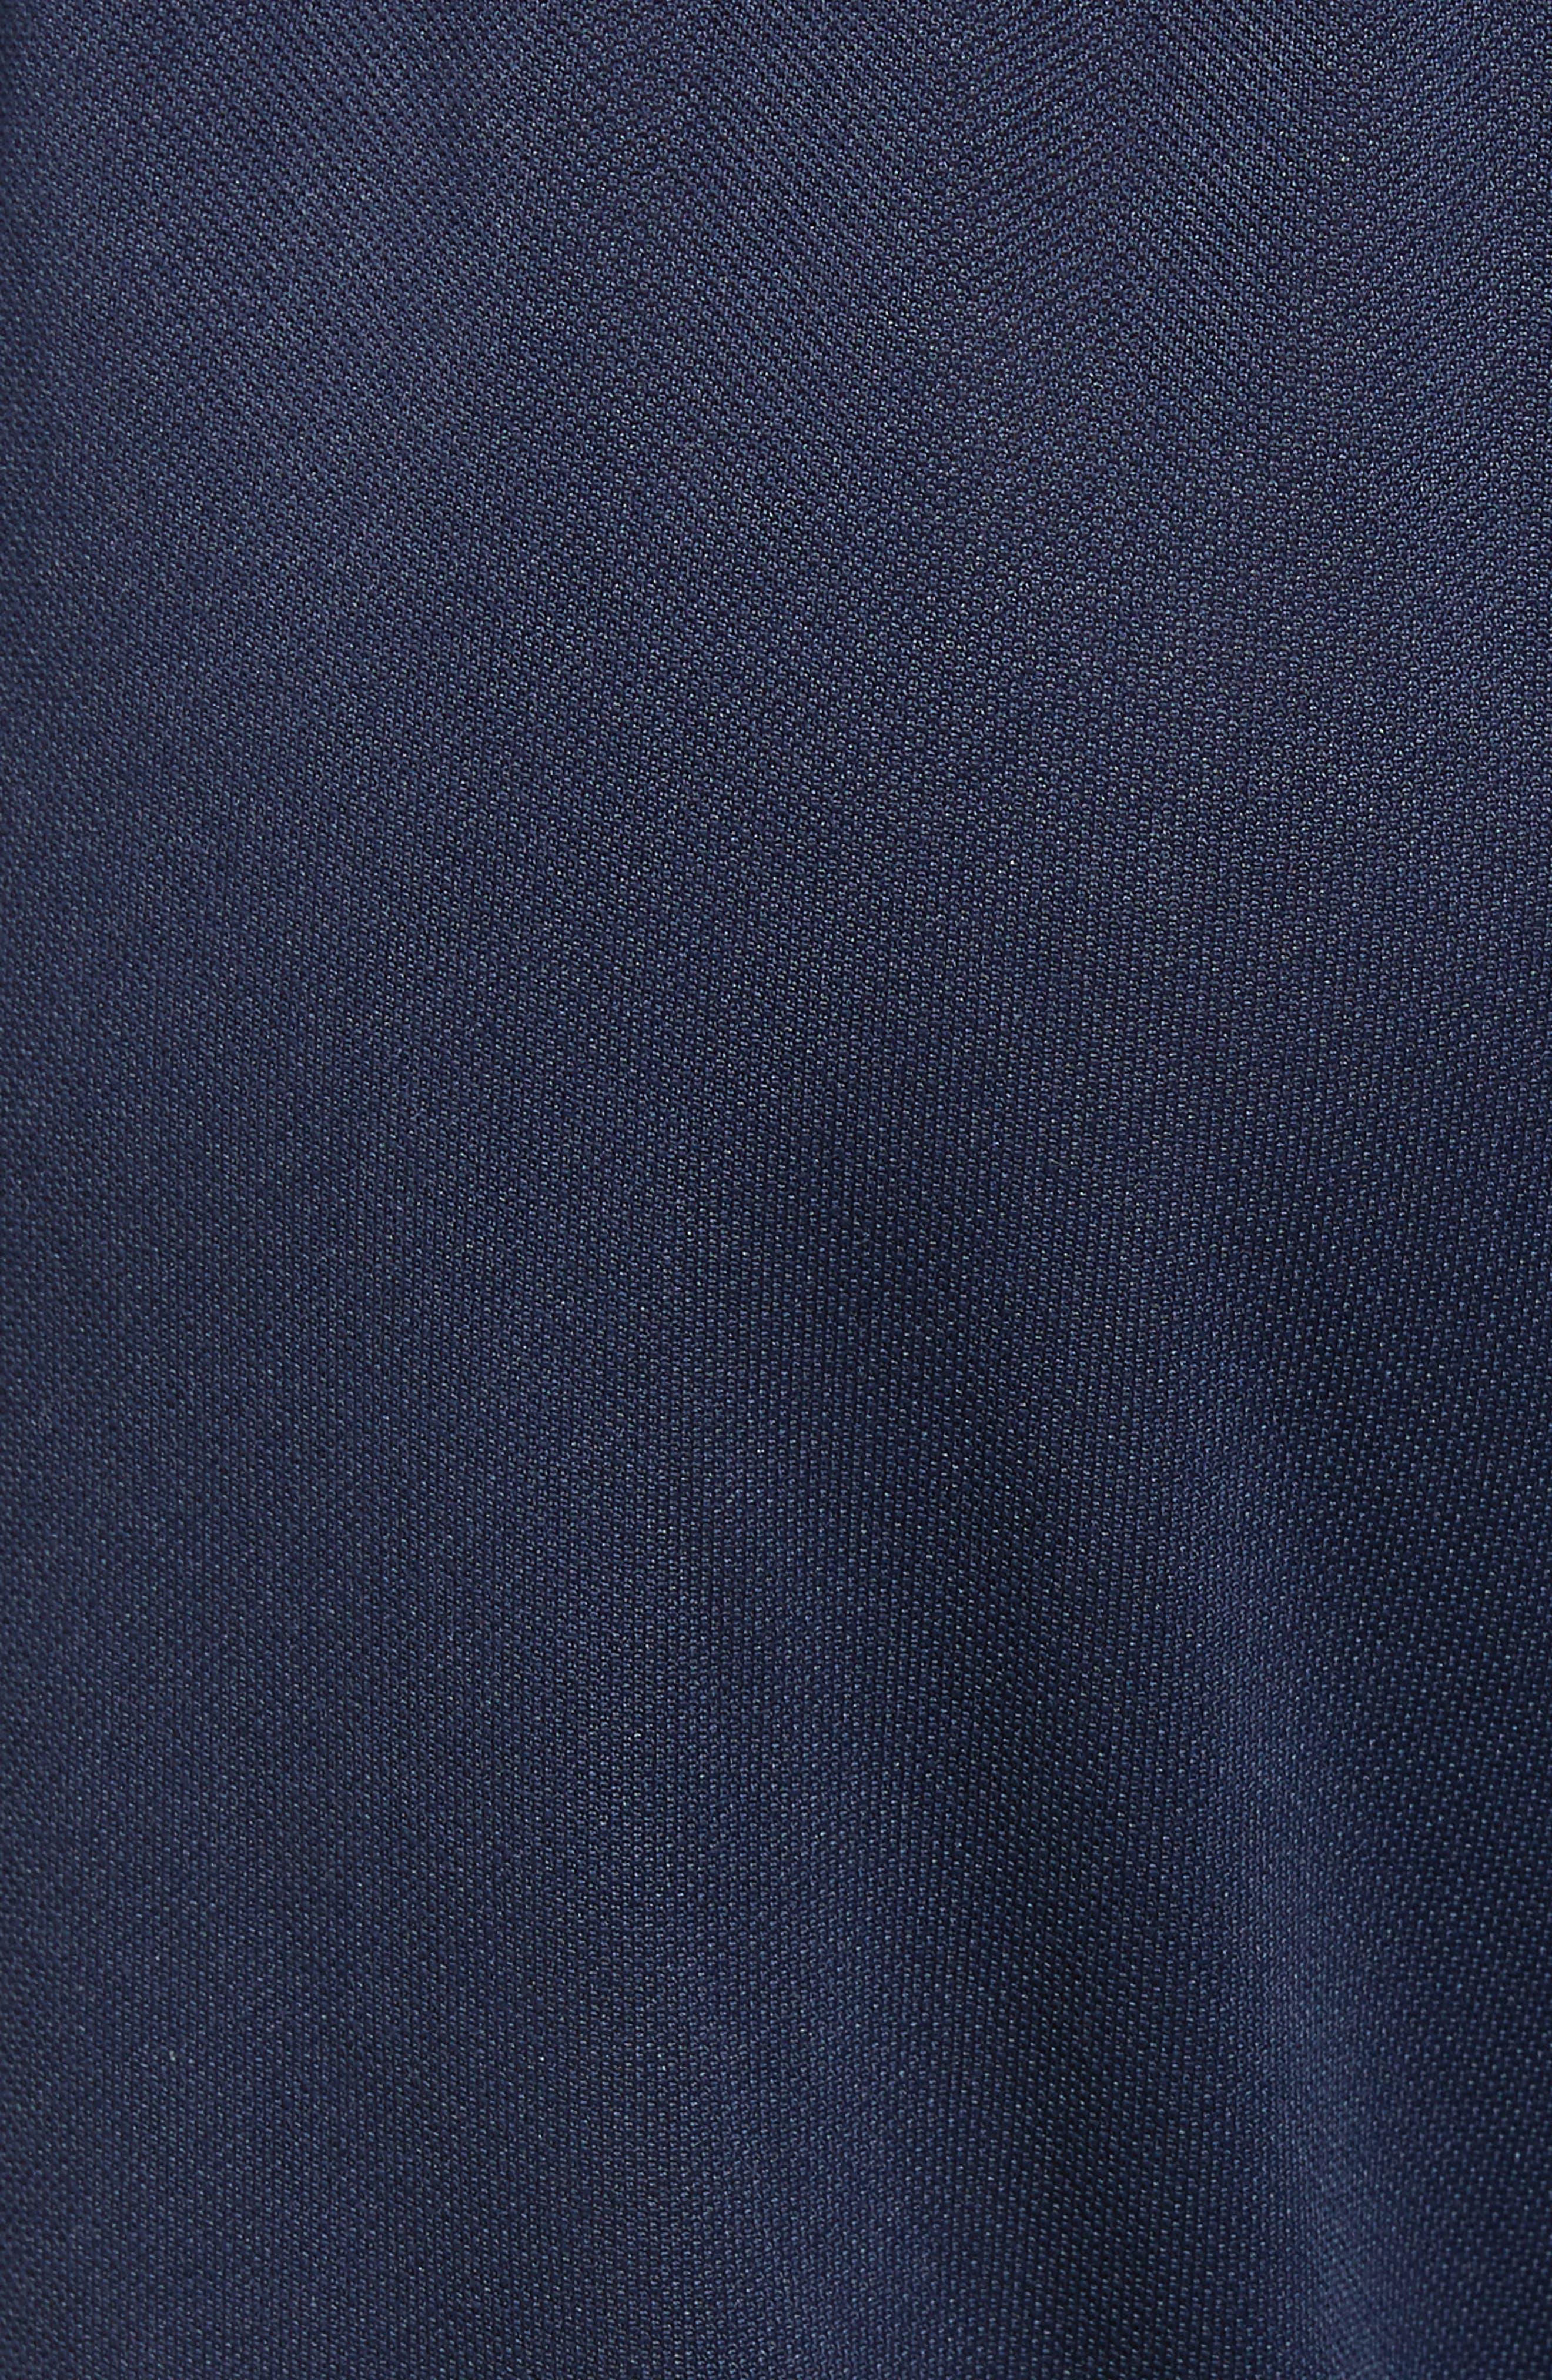 Jolie Crop Pants,                             Alternate thumbnail 6, color,                             410